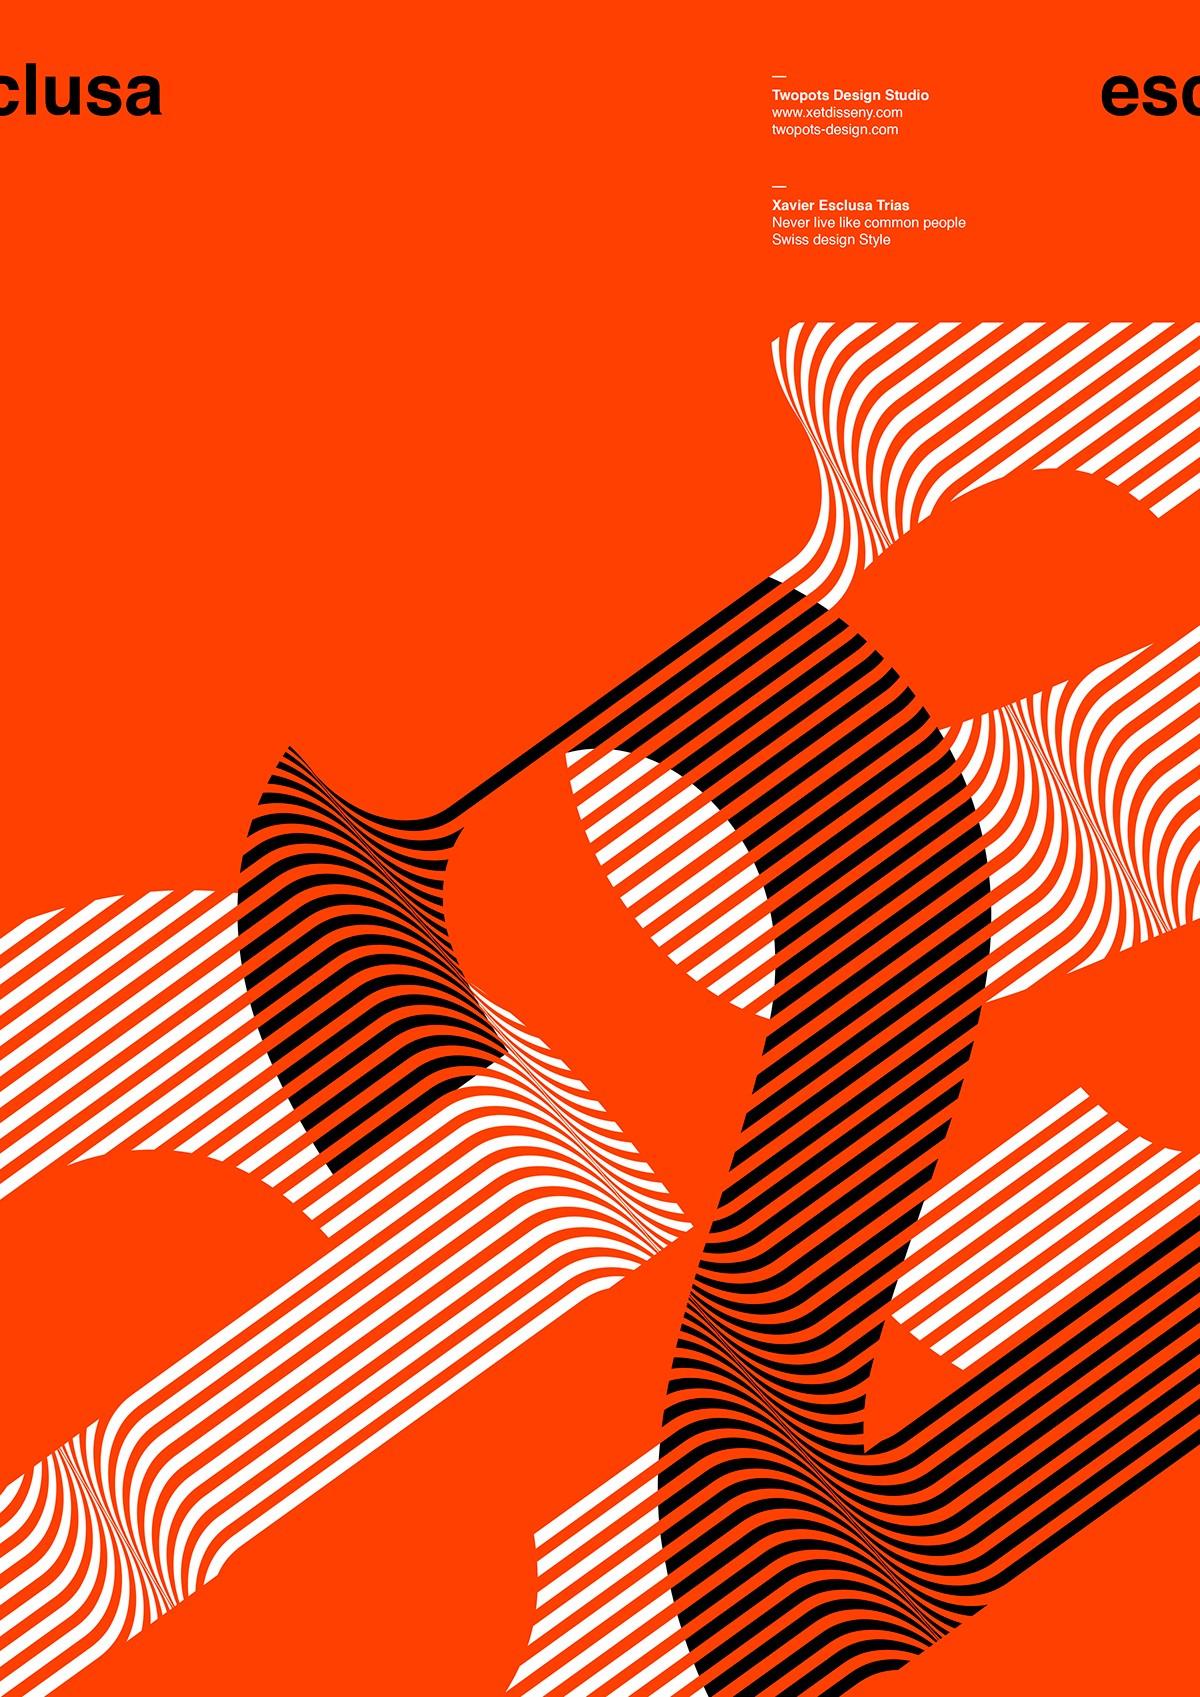 音乐资讯_Xavier Esclusa极简风格海报设计 - 设计之家